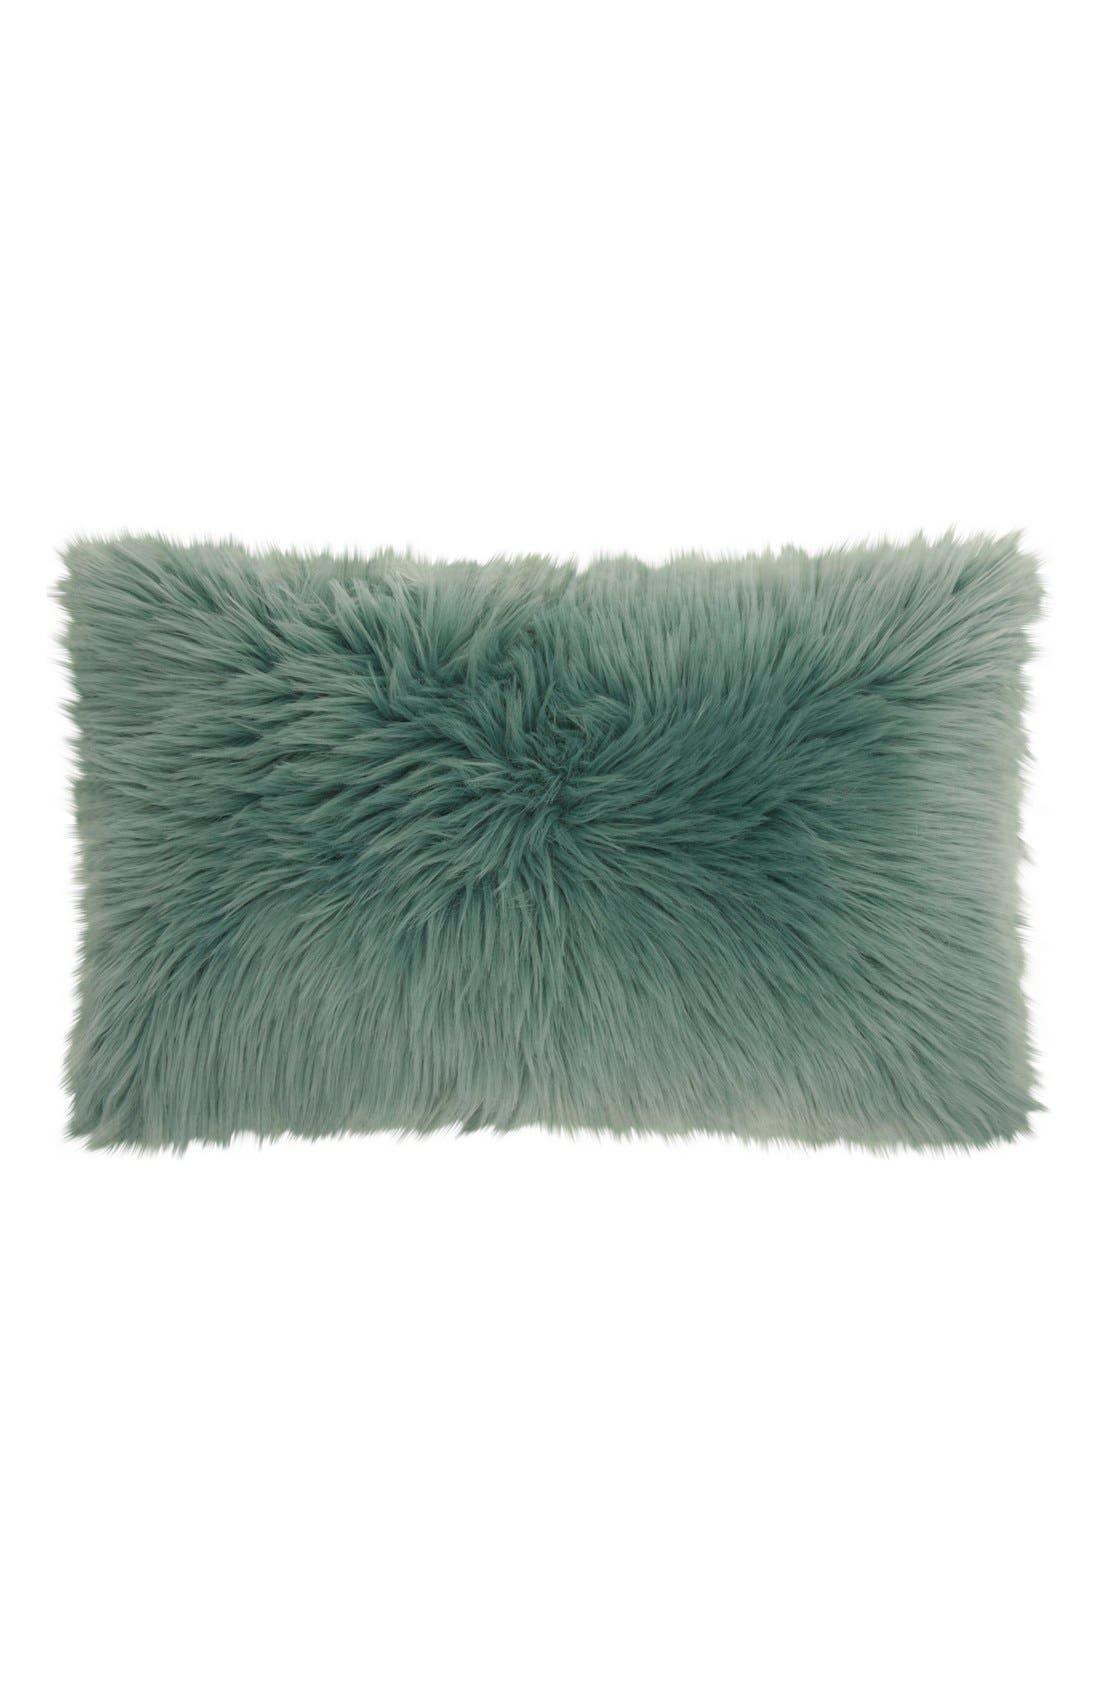 Main Image - Mina Victory 'Sumptuous' Faux Fur Accent Pillow